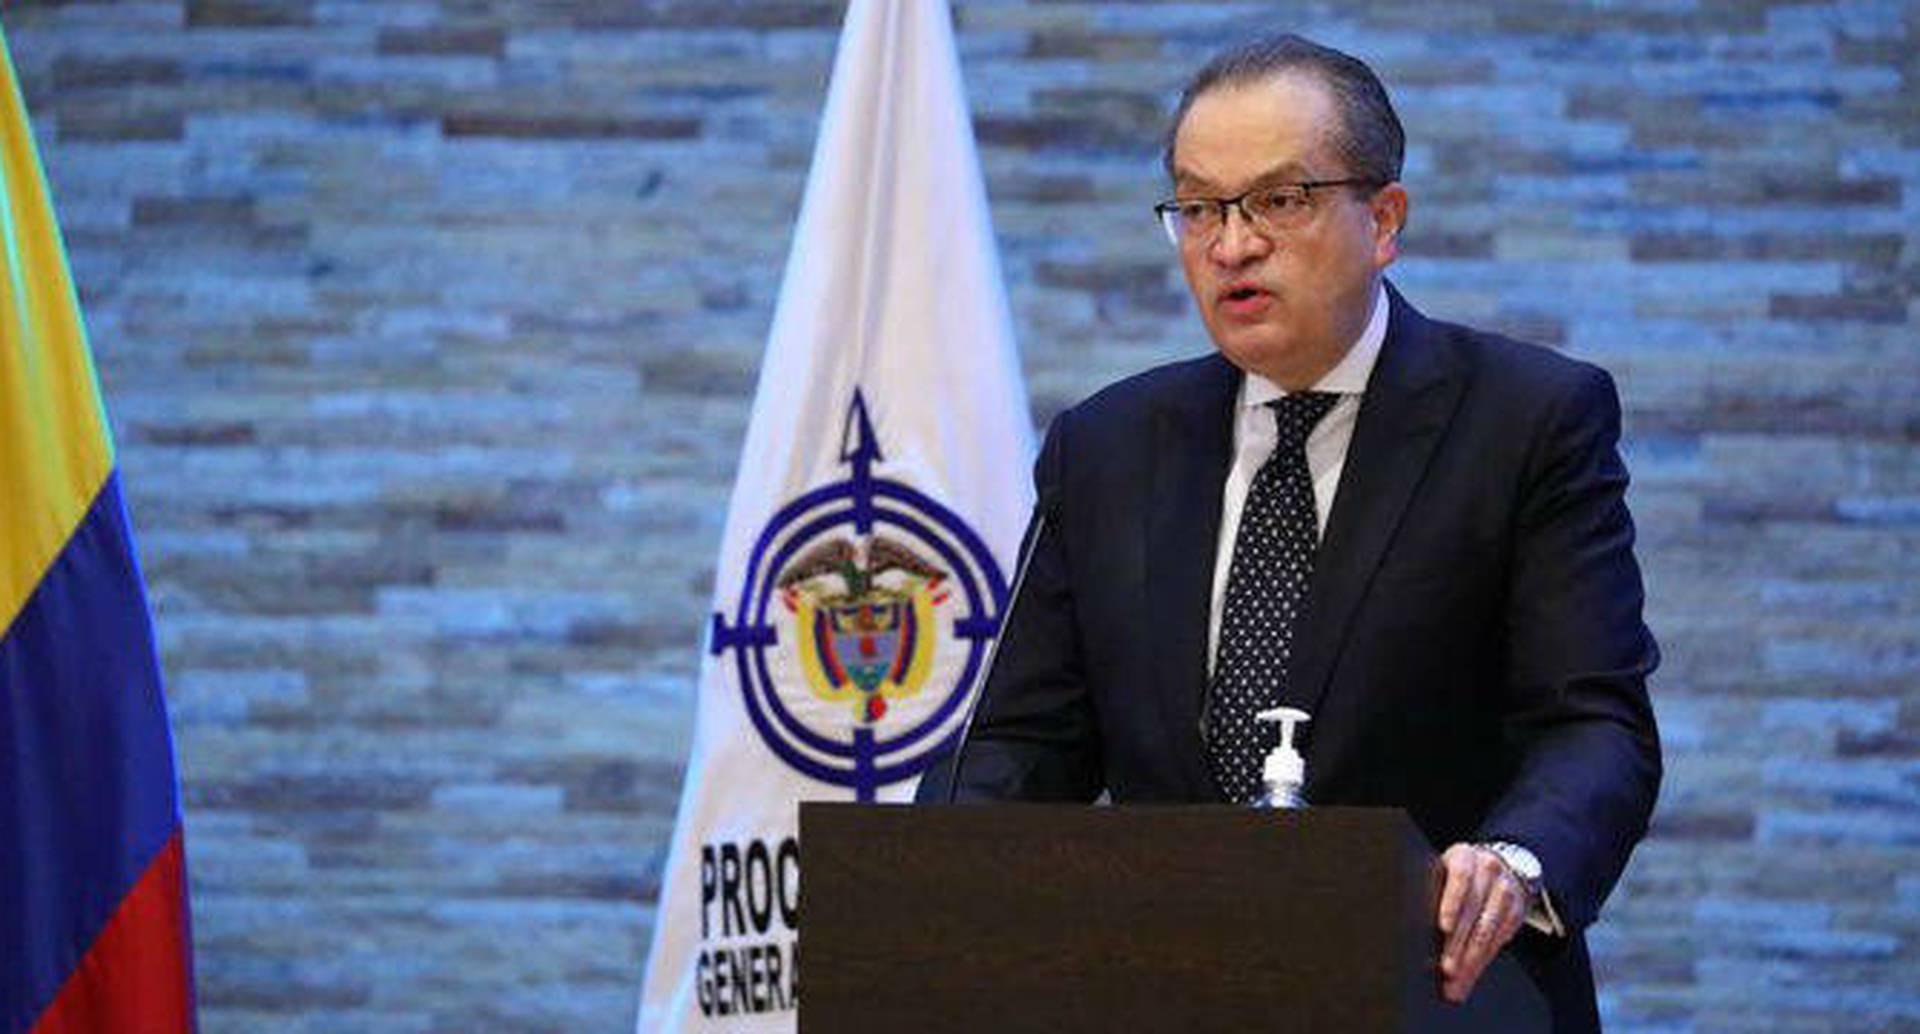 Procurador pide al Gobierno explicación sobre el préstamo autorizado a Avianca | Colombia hoy